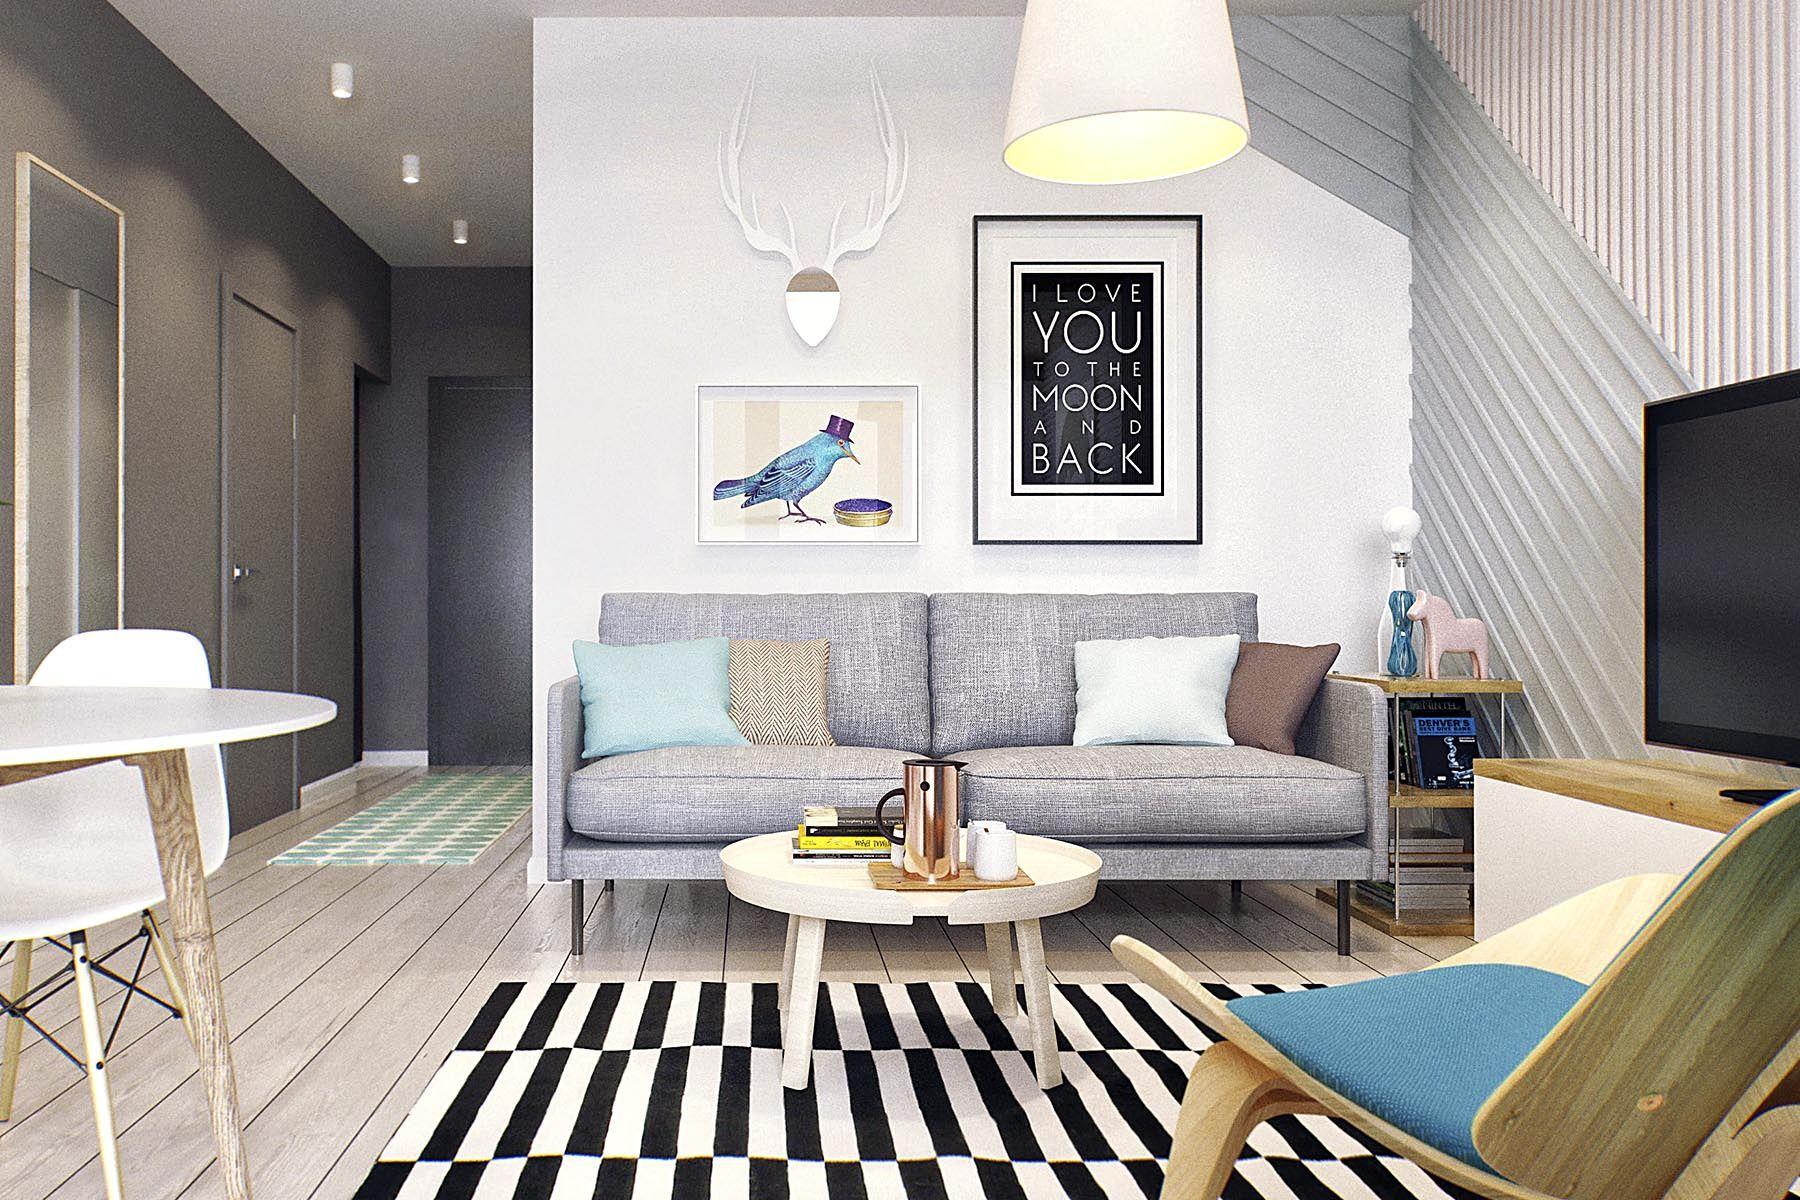 Casas decoradas con ikea trendy por el estudio de ruso son un claro ejemplo de un espacio - Peluquerias decoradas por ikea ...